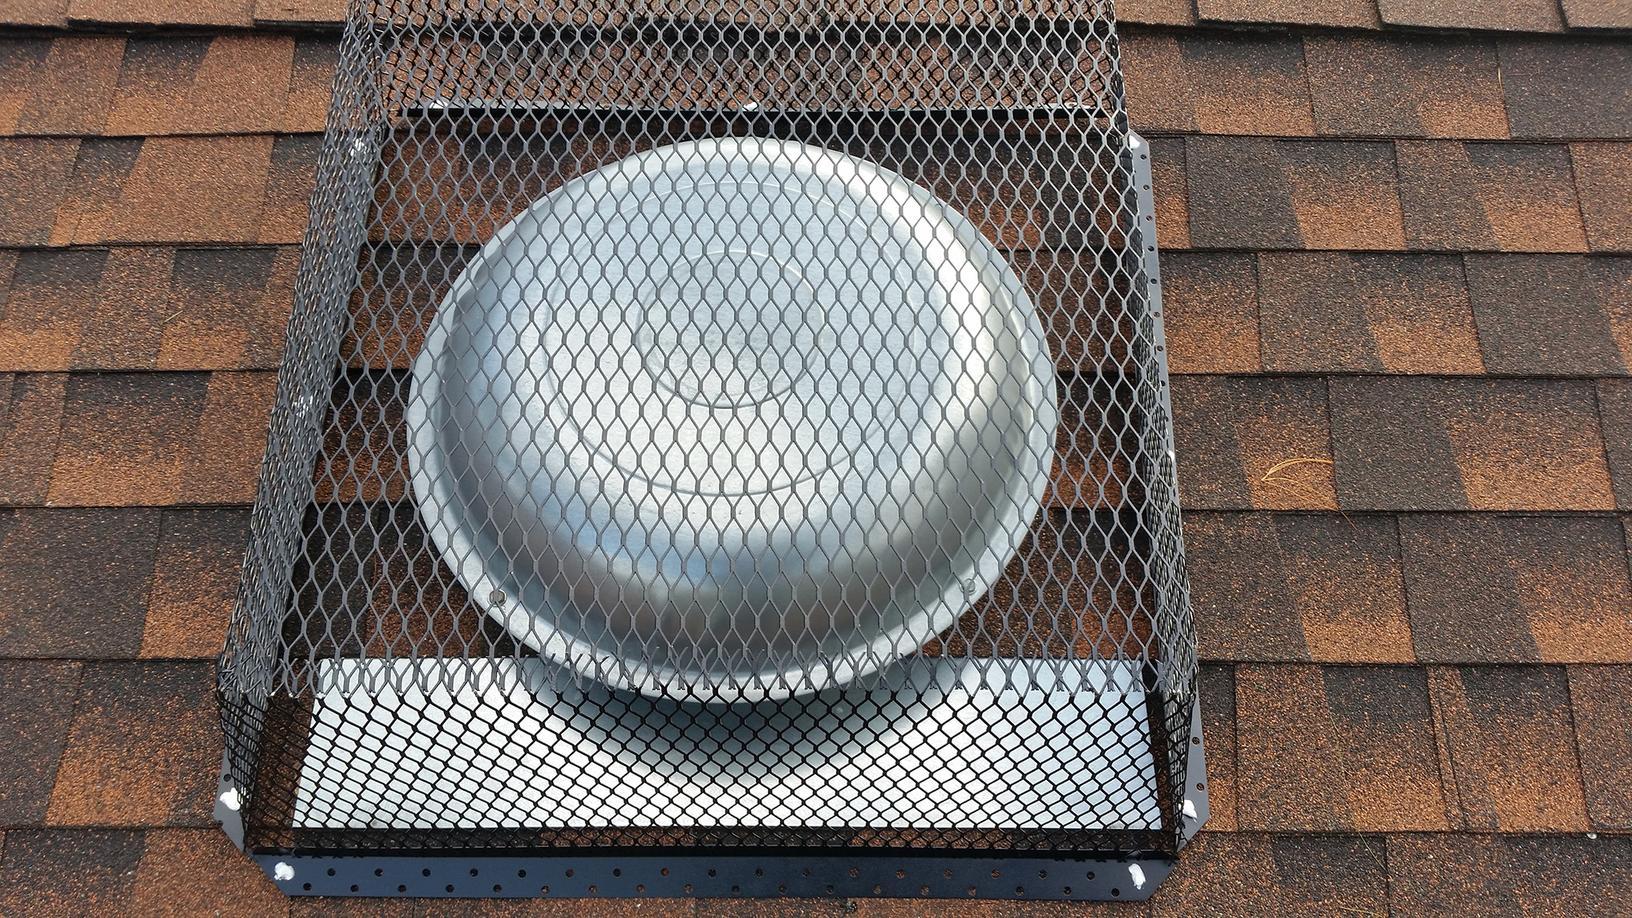 Installed attic fan cover in Ocean Gate, NN